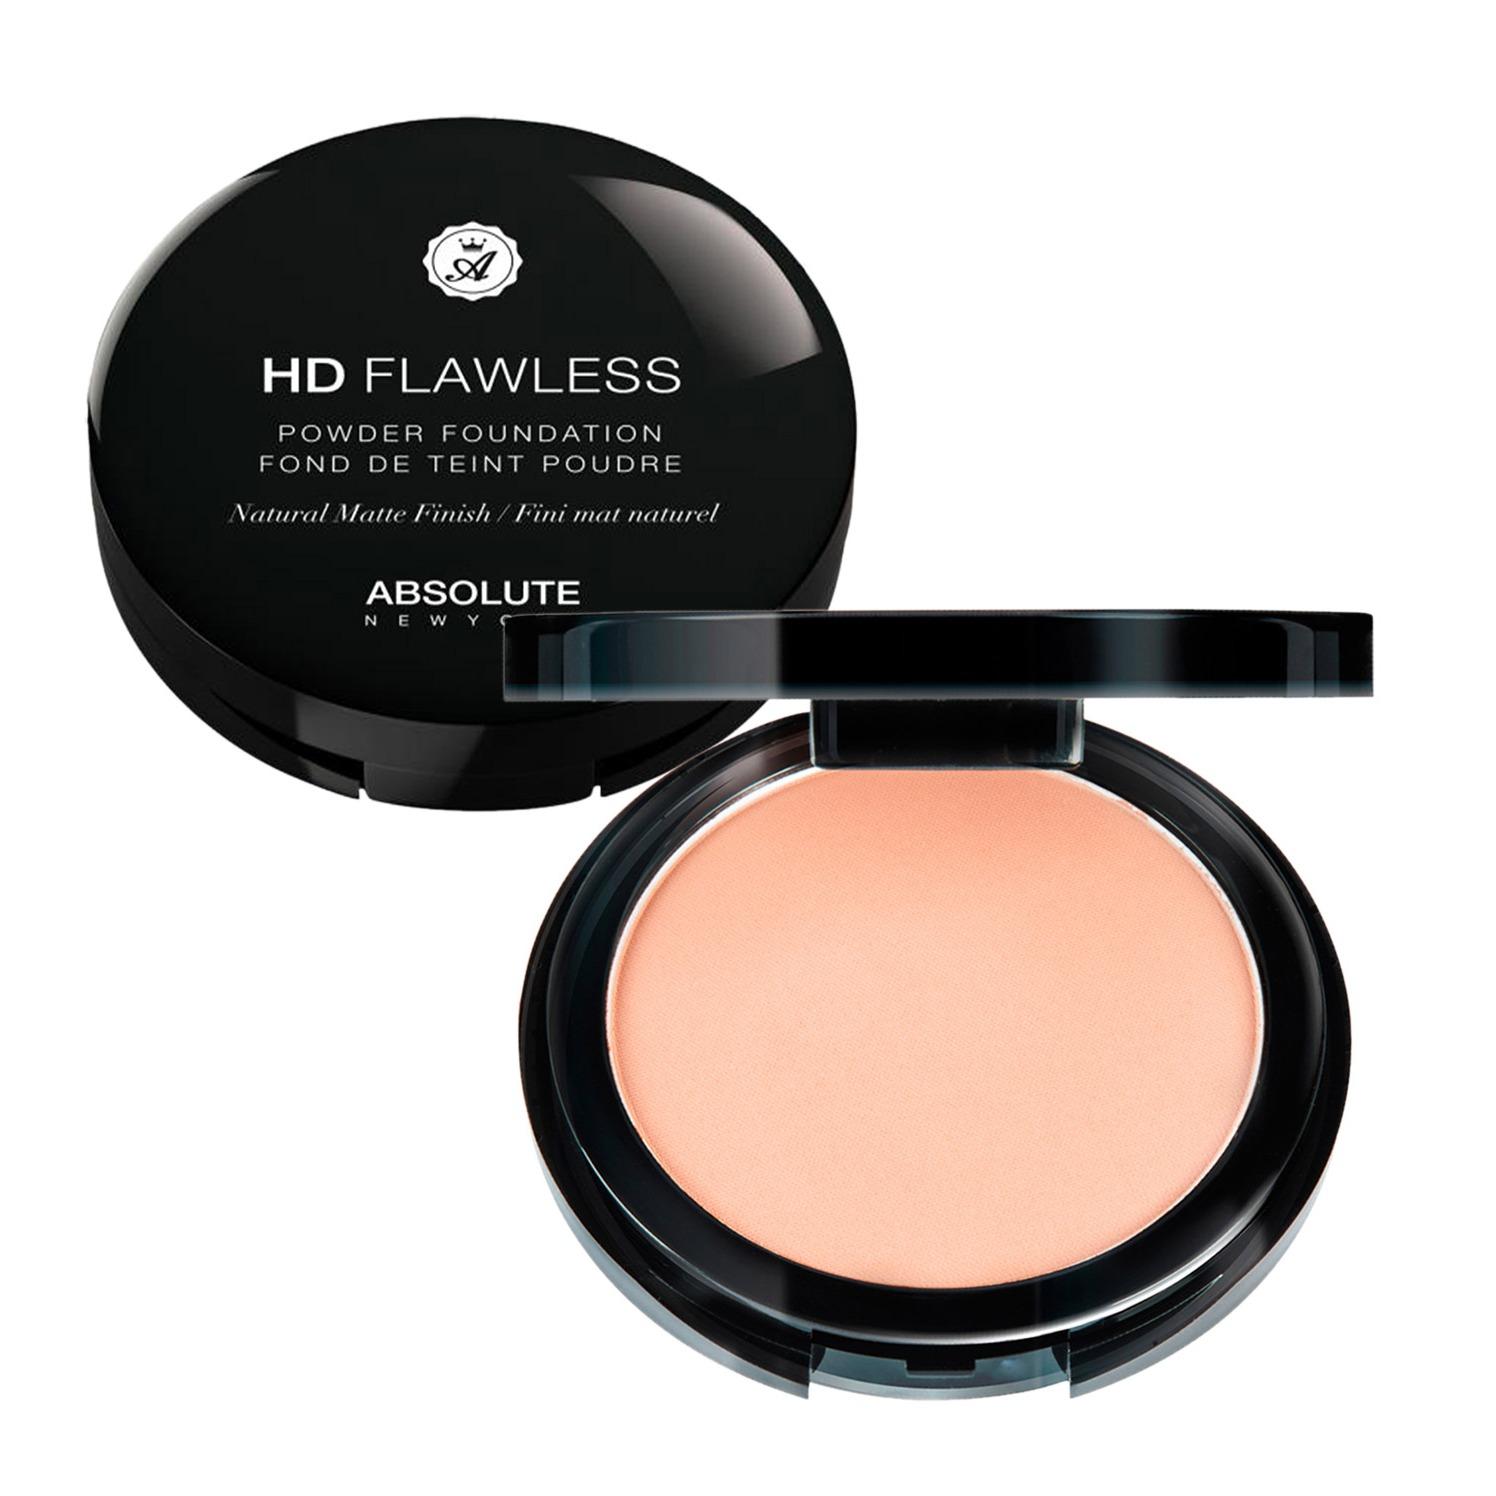 Absolute New York HD Flawless Powder Foundation